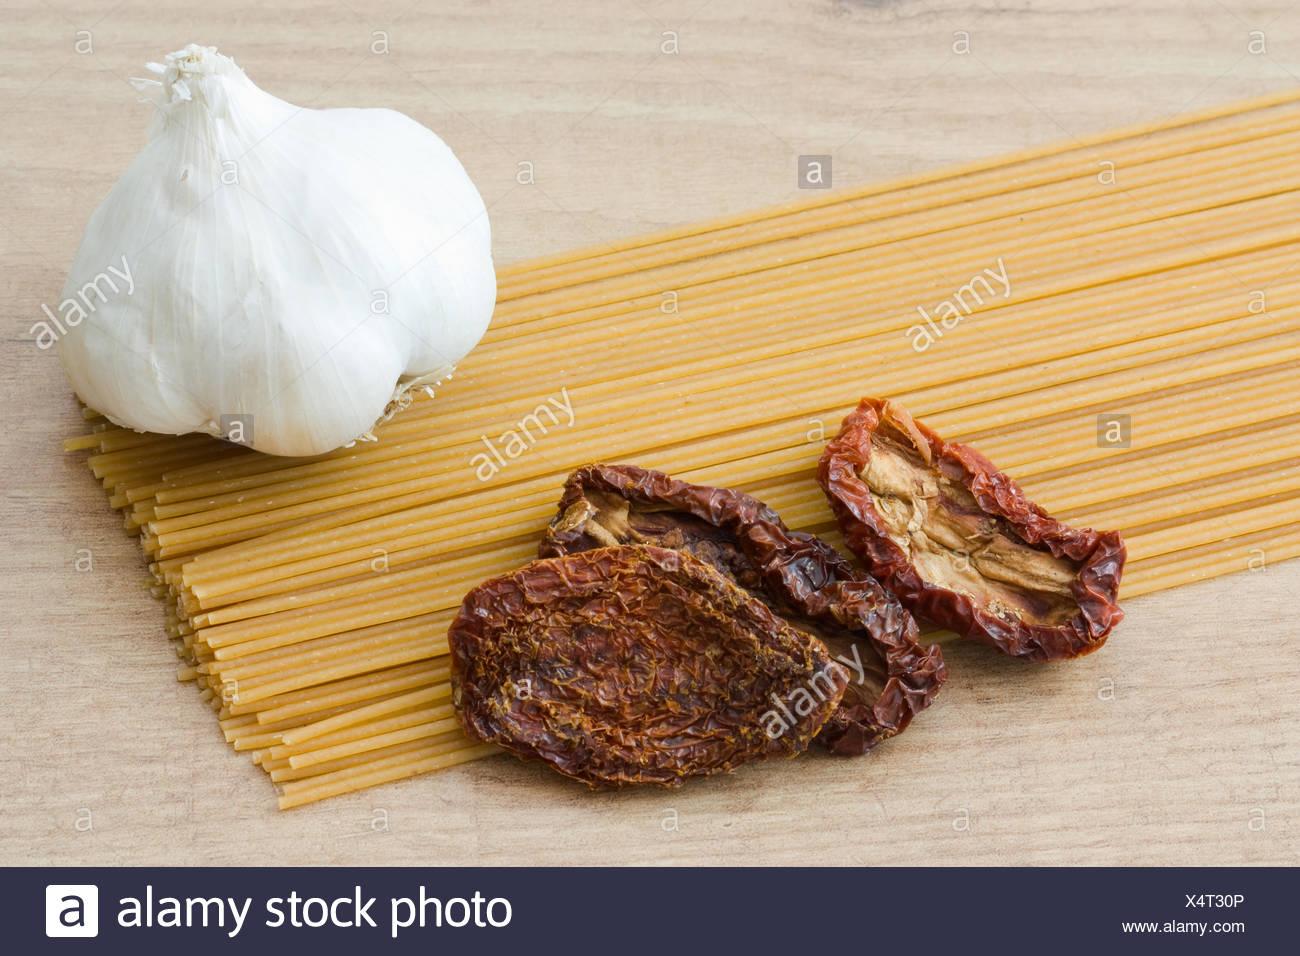 Vollkorn Spaghetti - Wholemeal Pasta Stock Photo